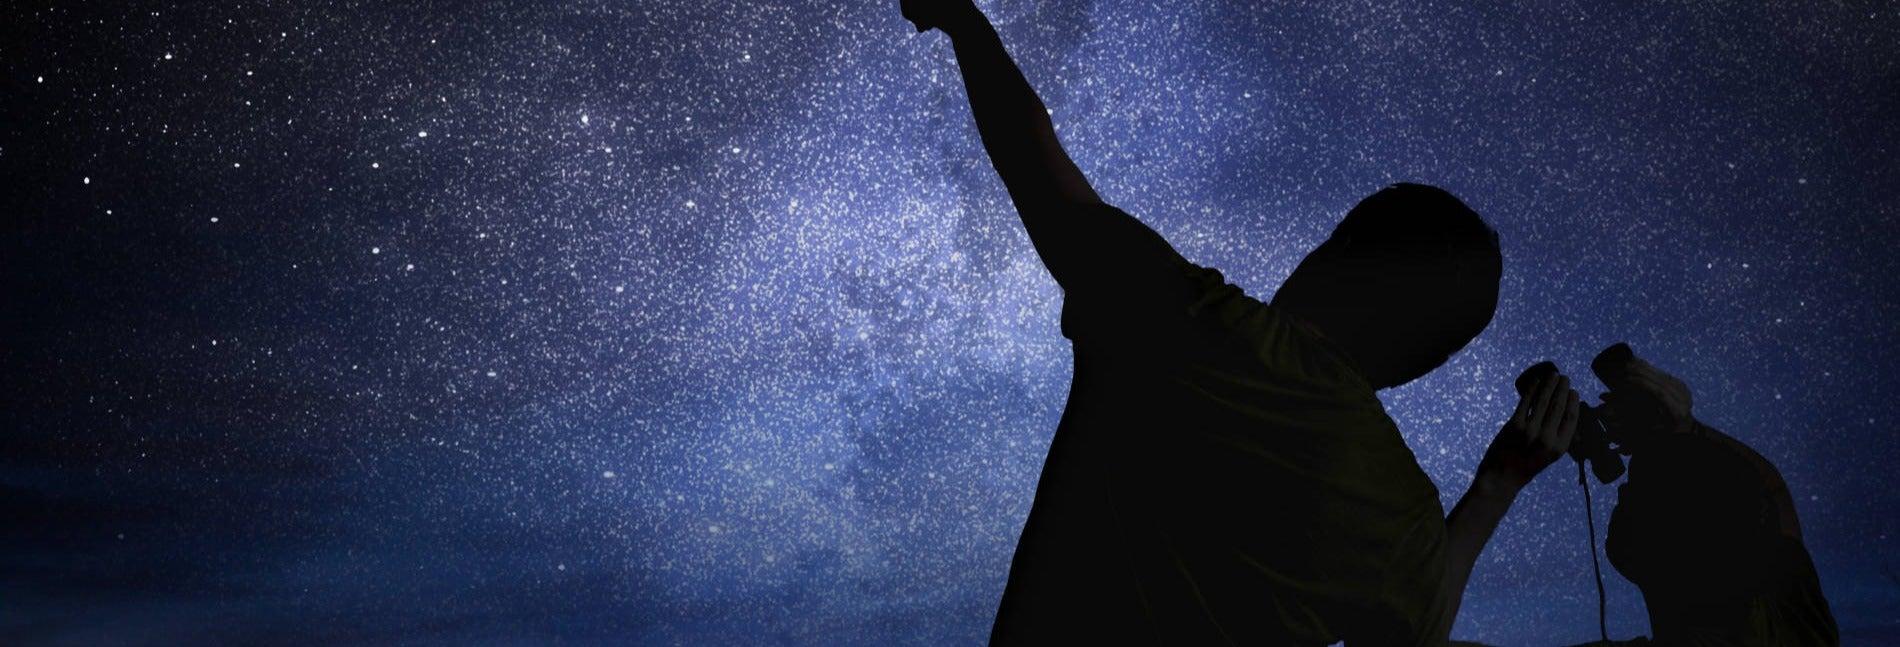 Observación de estrellas en Mérida